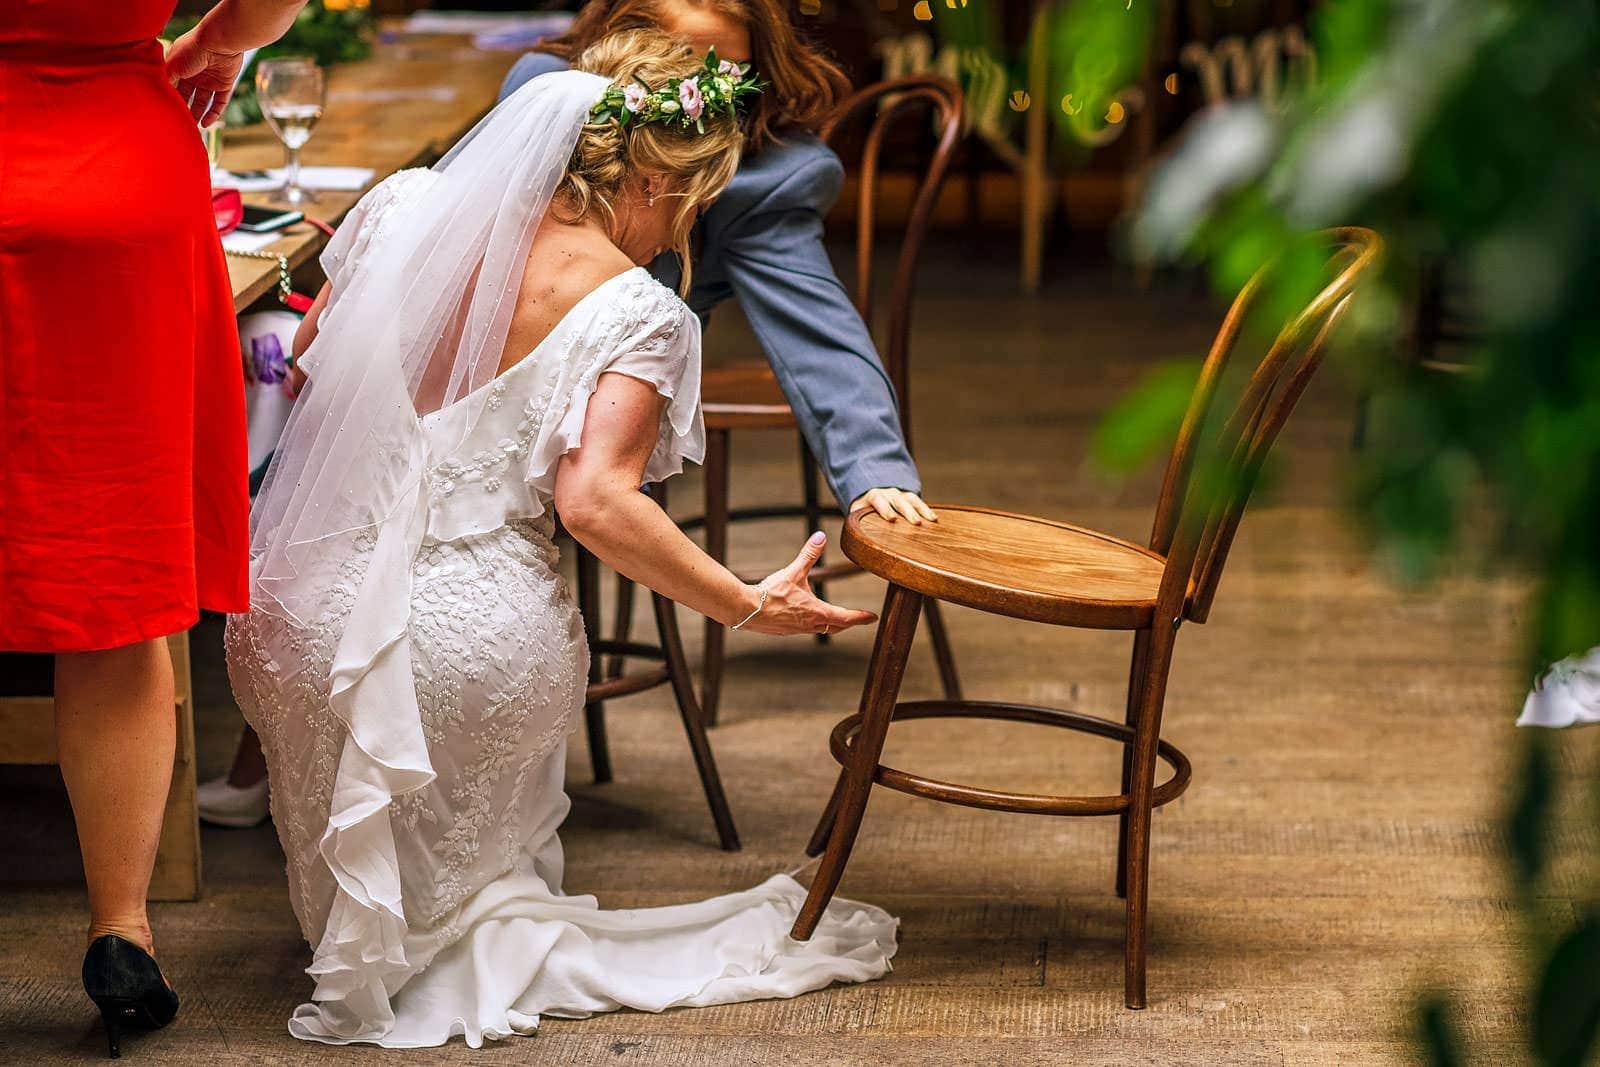 Bride catching dress under chair